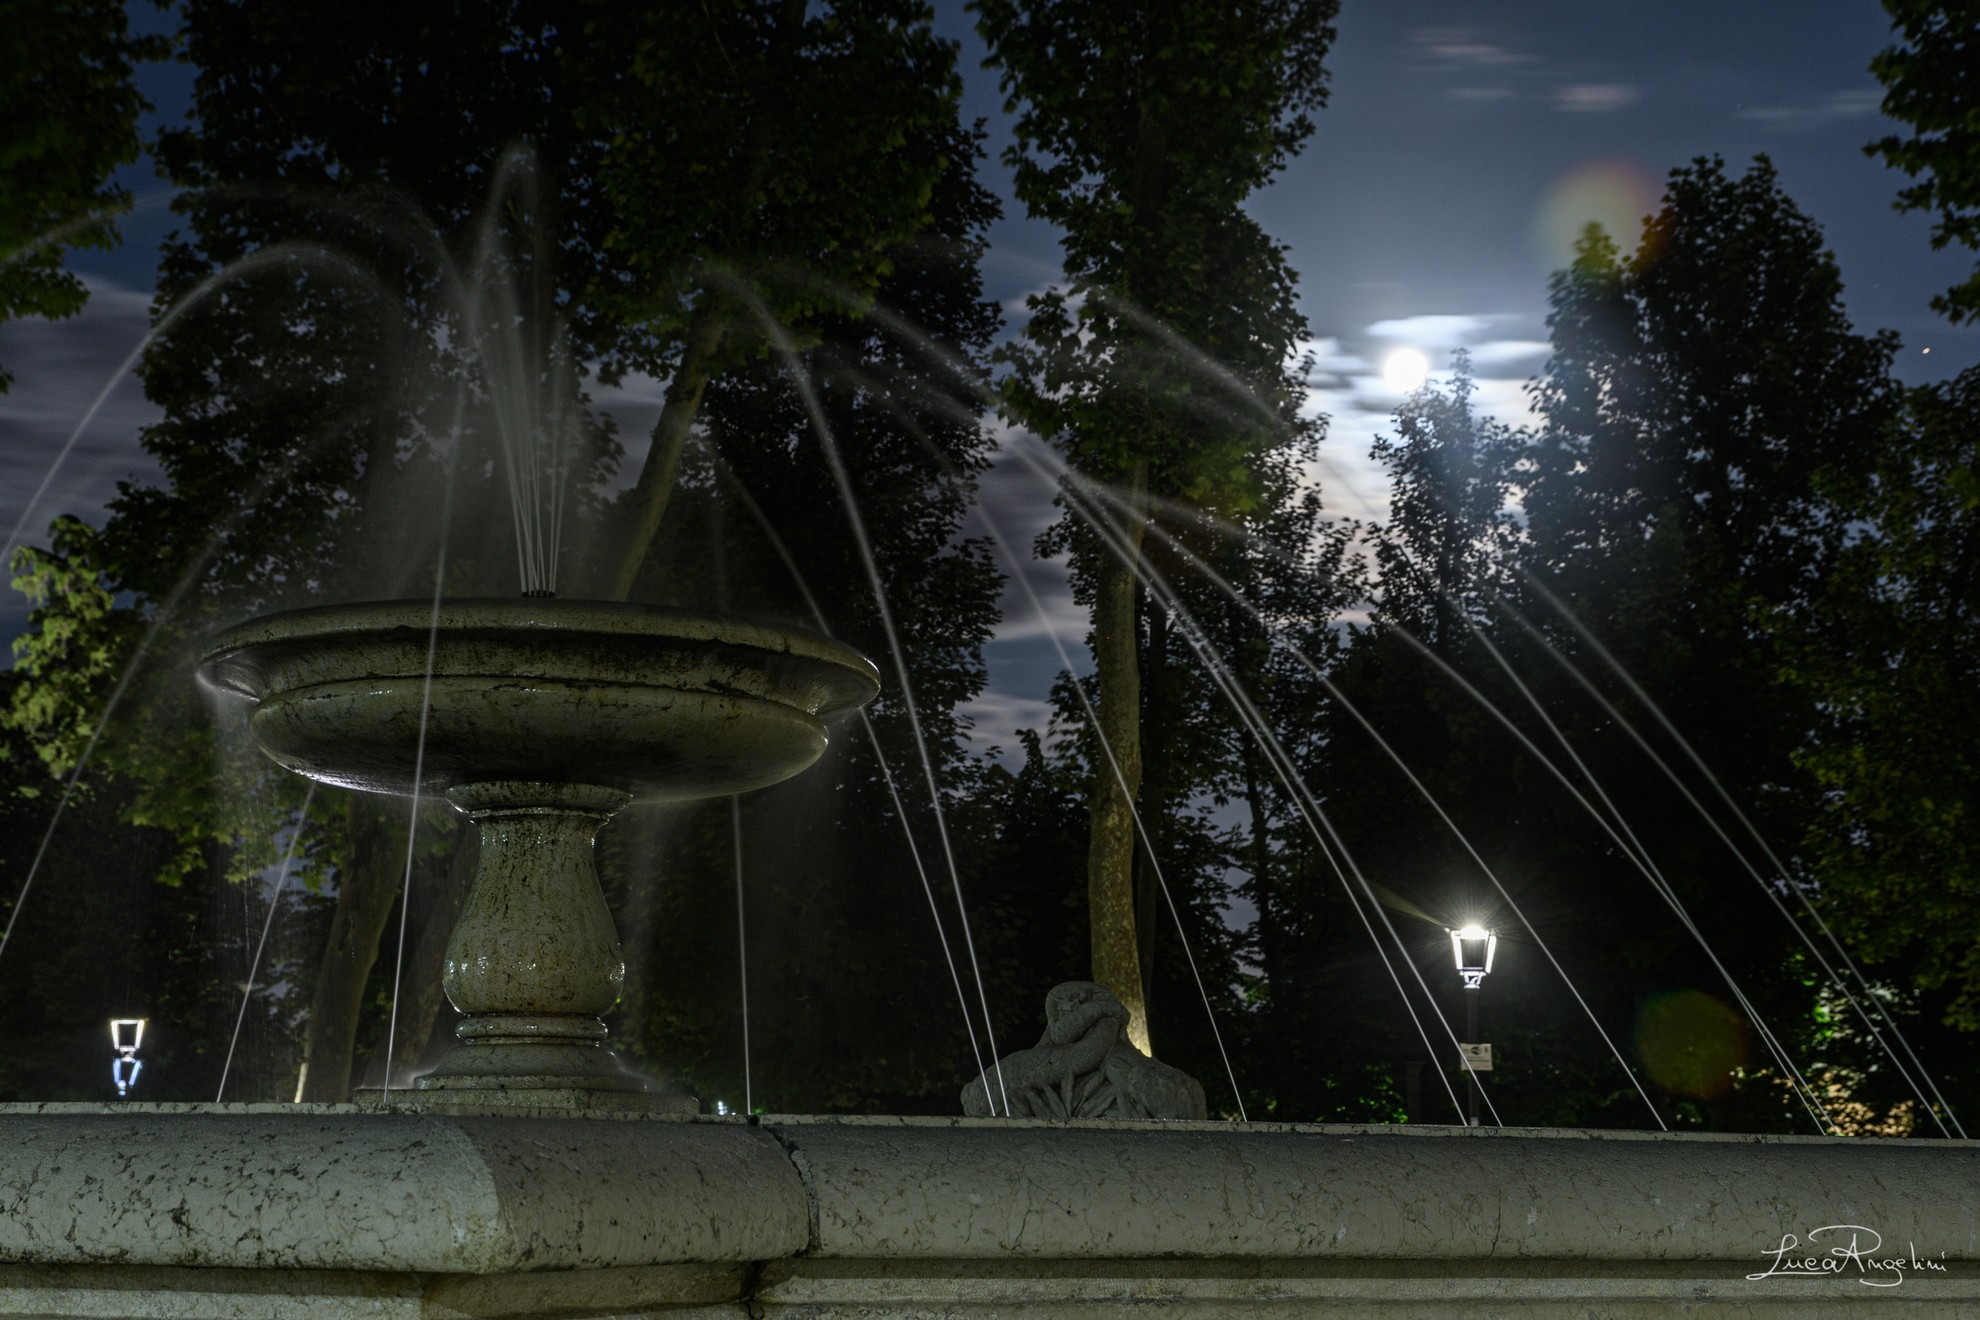 """- LA NEVICATA DEL '56 - MIA MARTINI """"...La fontana cantava e quell'aria era chiara dimmi che era così..."""""""